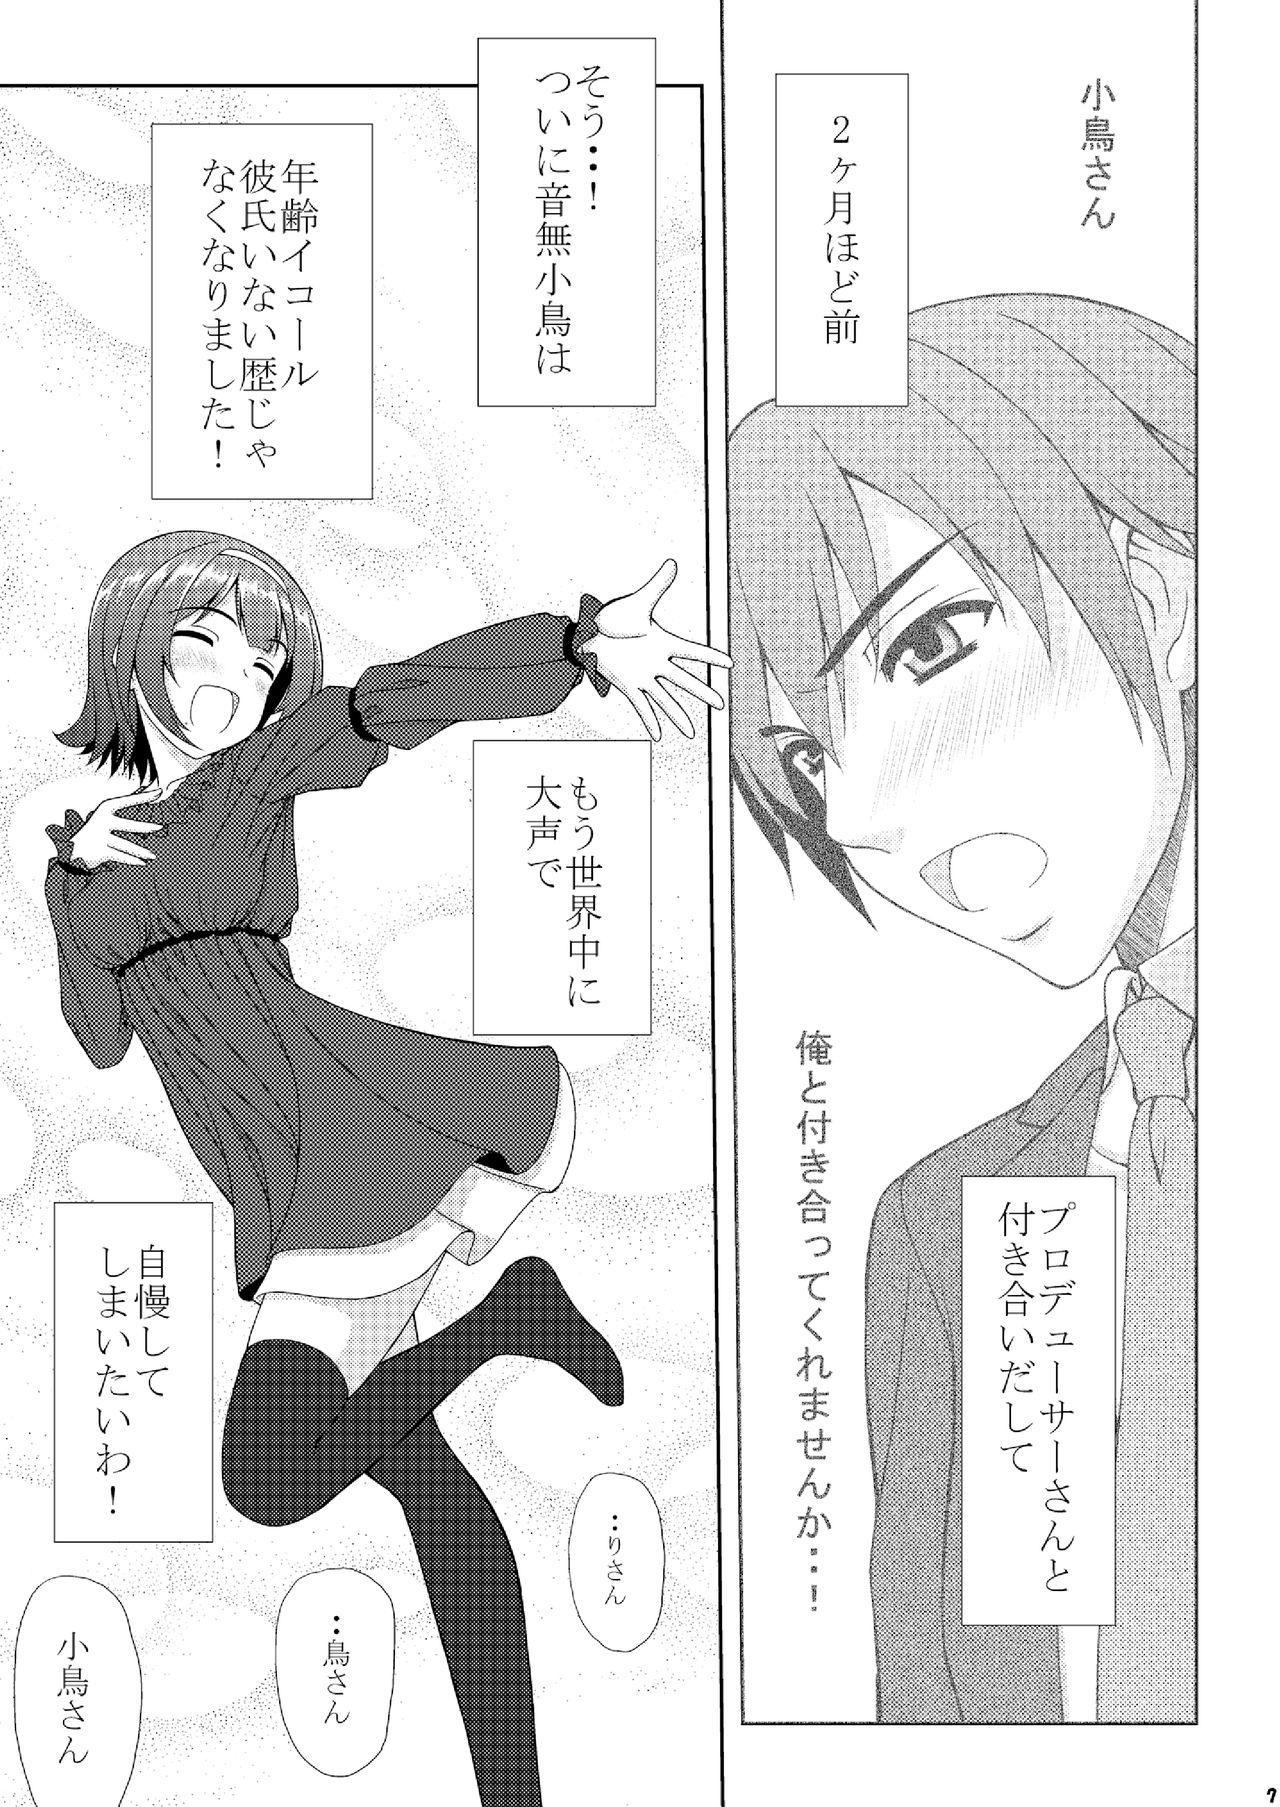 Kotori-san no Risou to Genjitsu 6